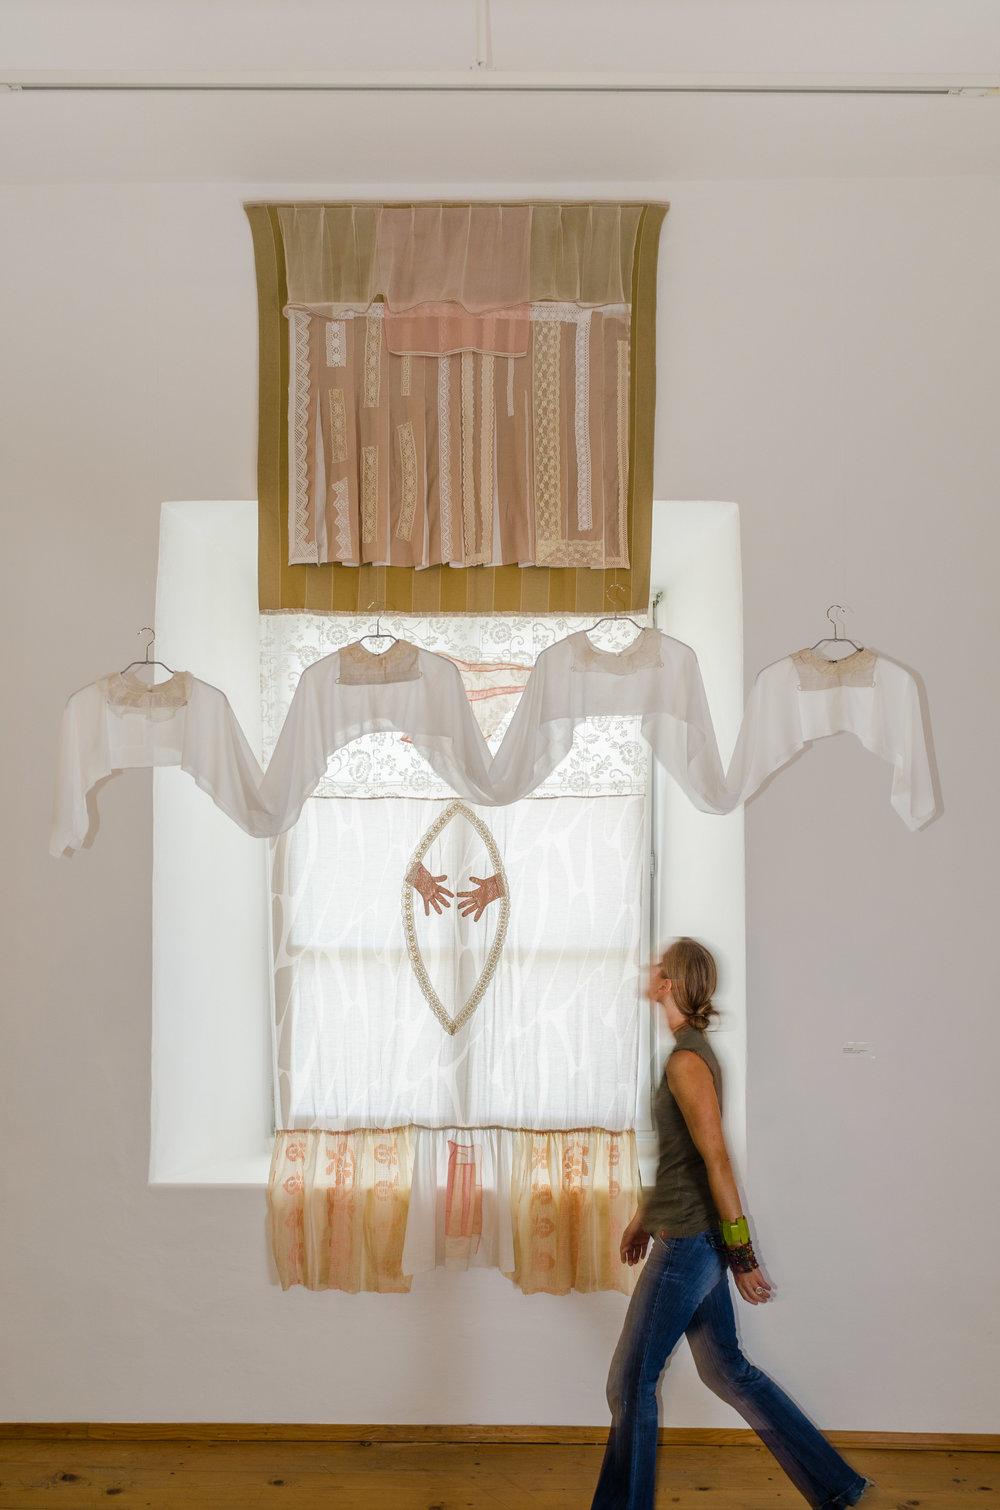 MANDORLA, Hofburg Brixen (I) 2011  Textile Arrangement/Installation